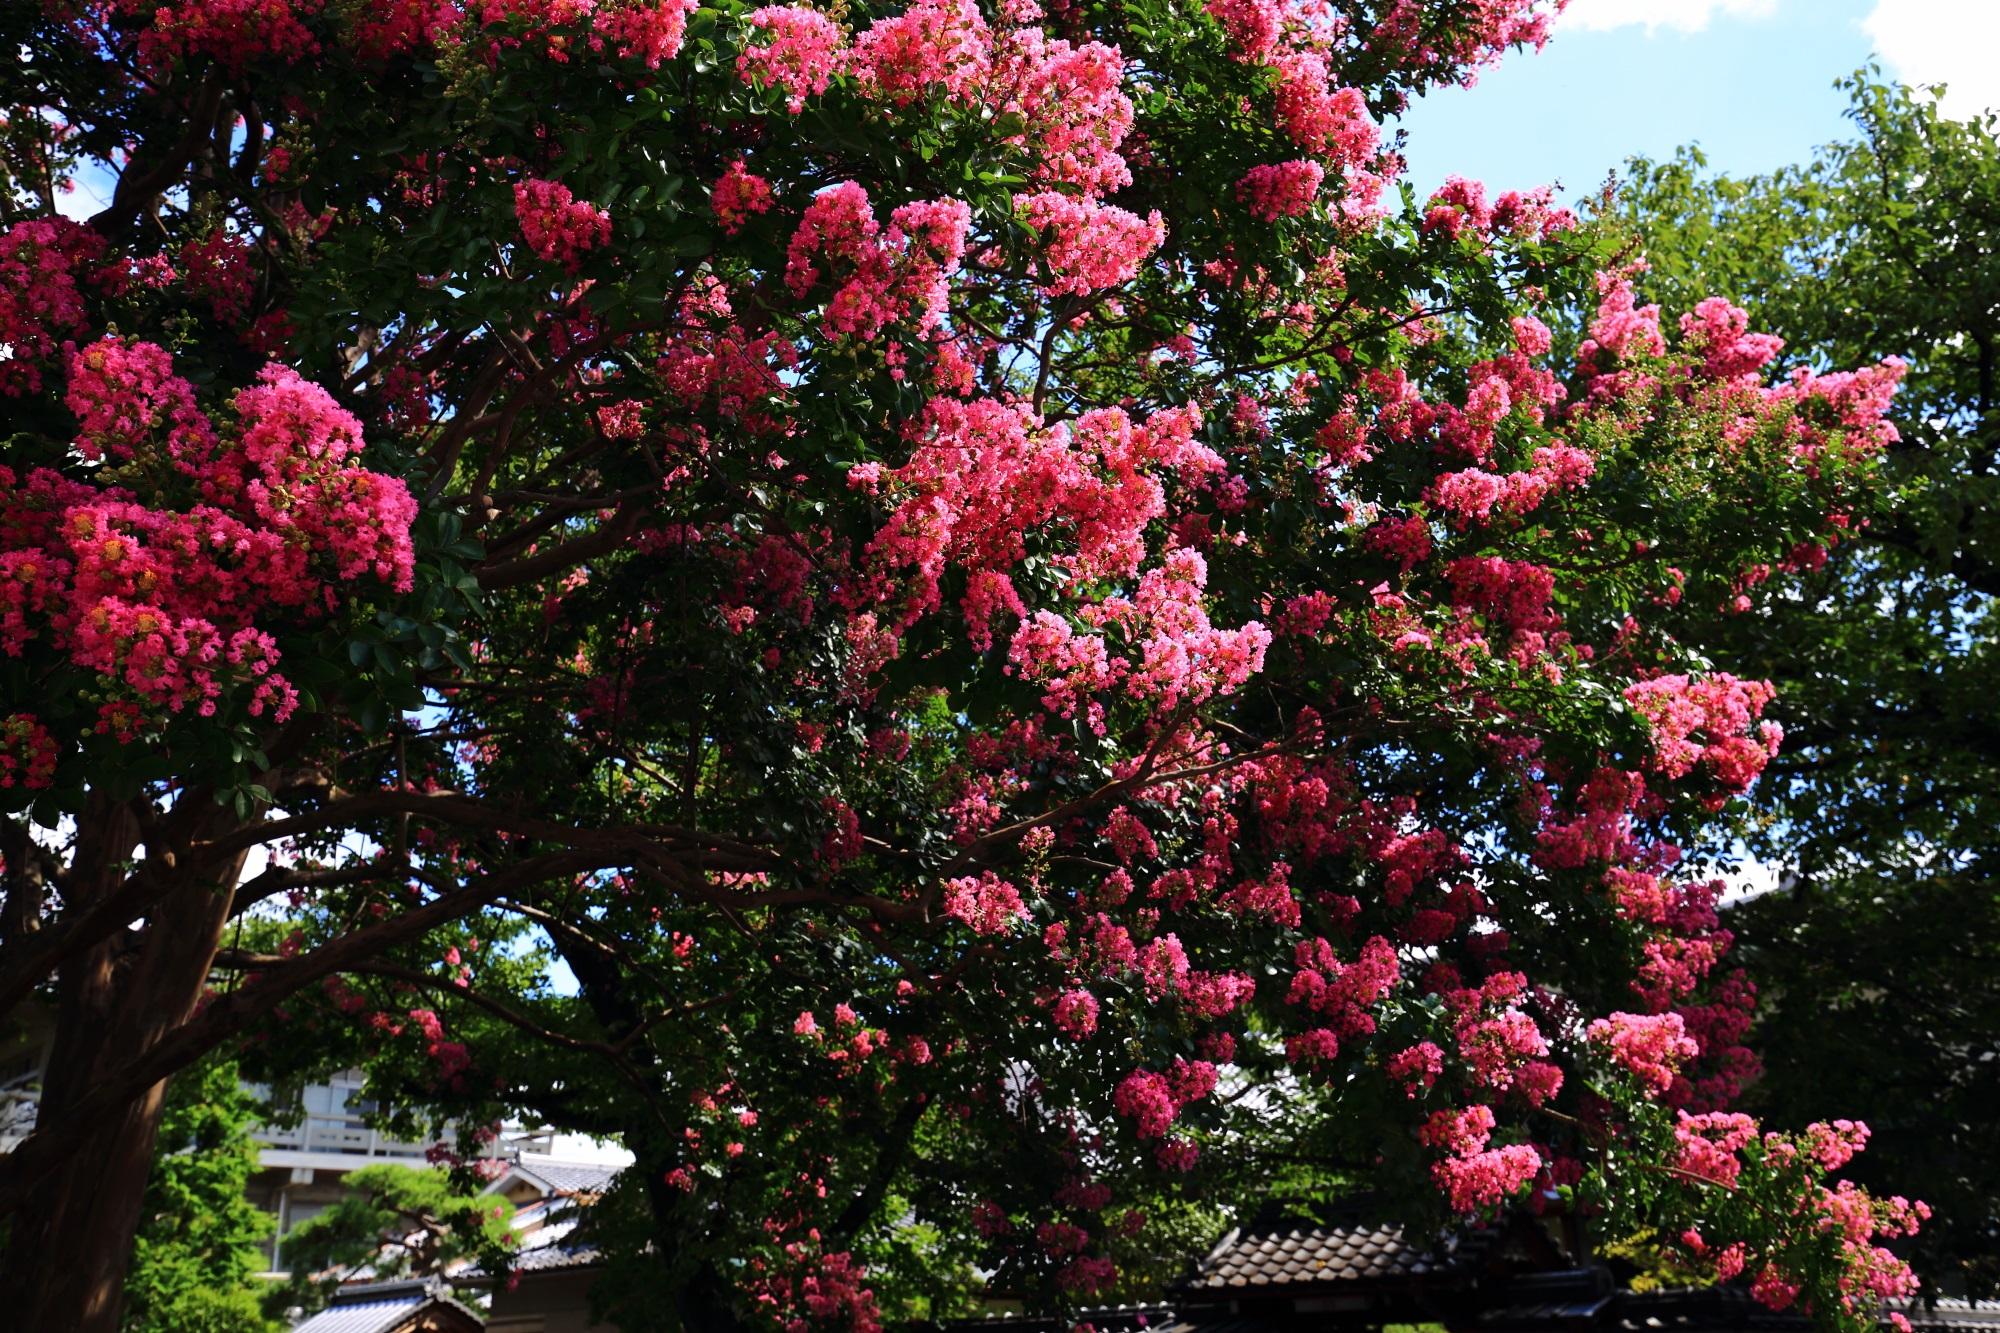 太陽を浴びて煌びやかに輝くピンクの花